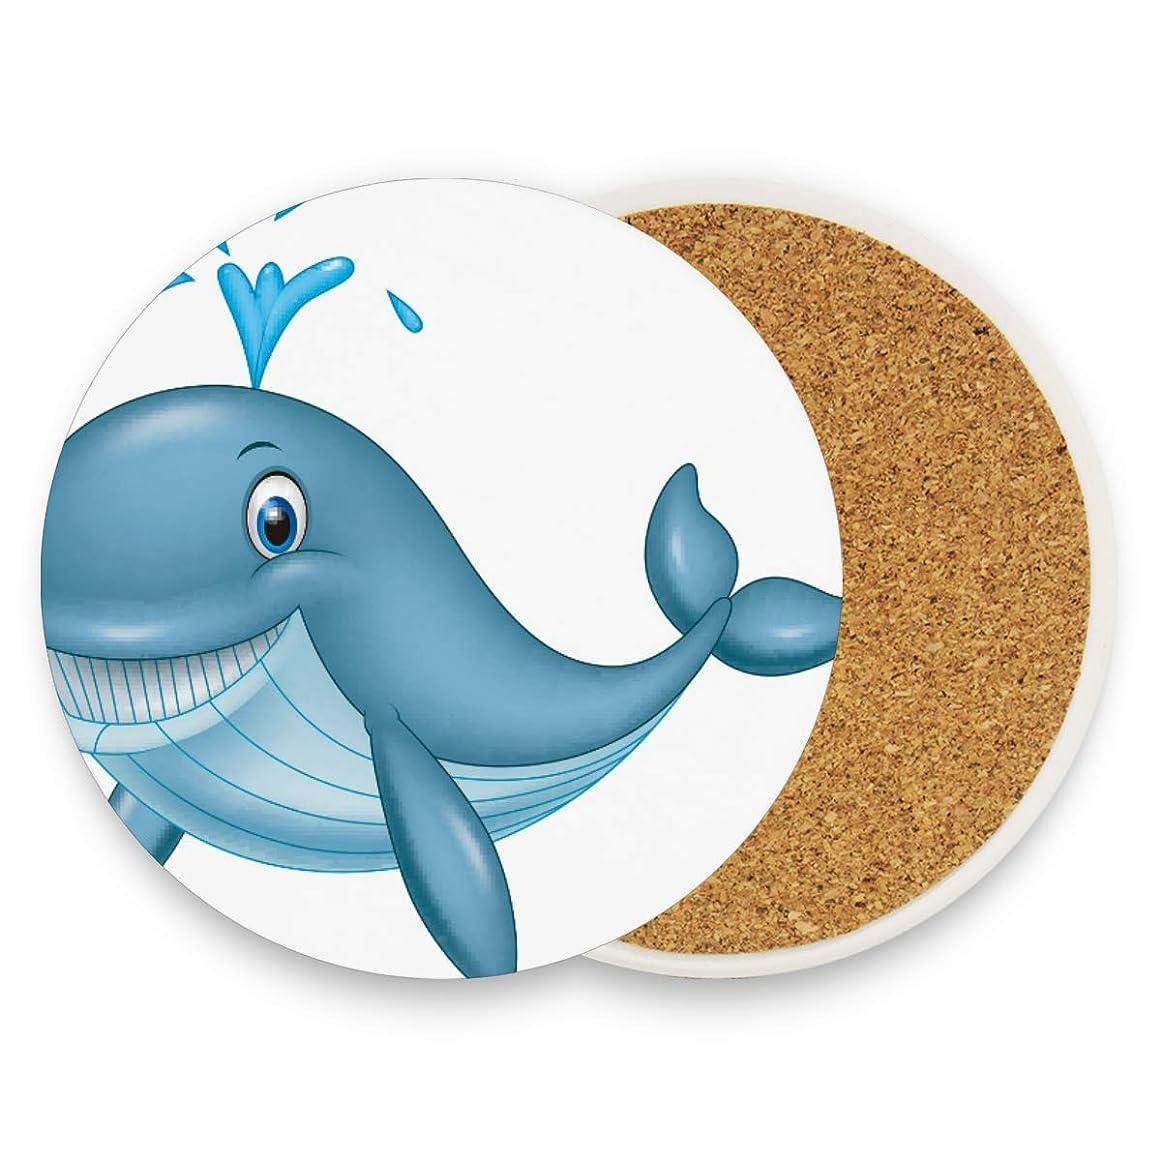 ご覧ください時計回り放つコースター エコ素材 防水 クジラ 微笑み 面白い 円形 一枚セット 断熱パッド 優れた耐熱性 高耐久性 滑り止め 速乾 コップ敷き 飲茶 飲コーヒー キッチン オフィス 喫茶店